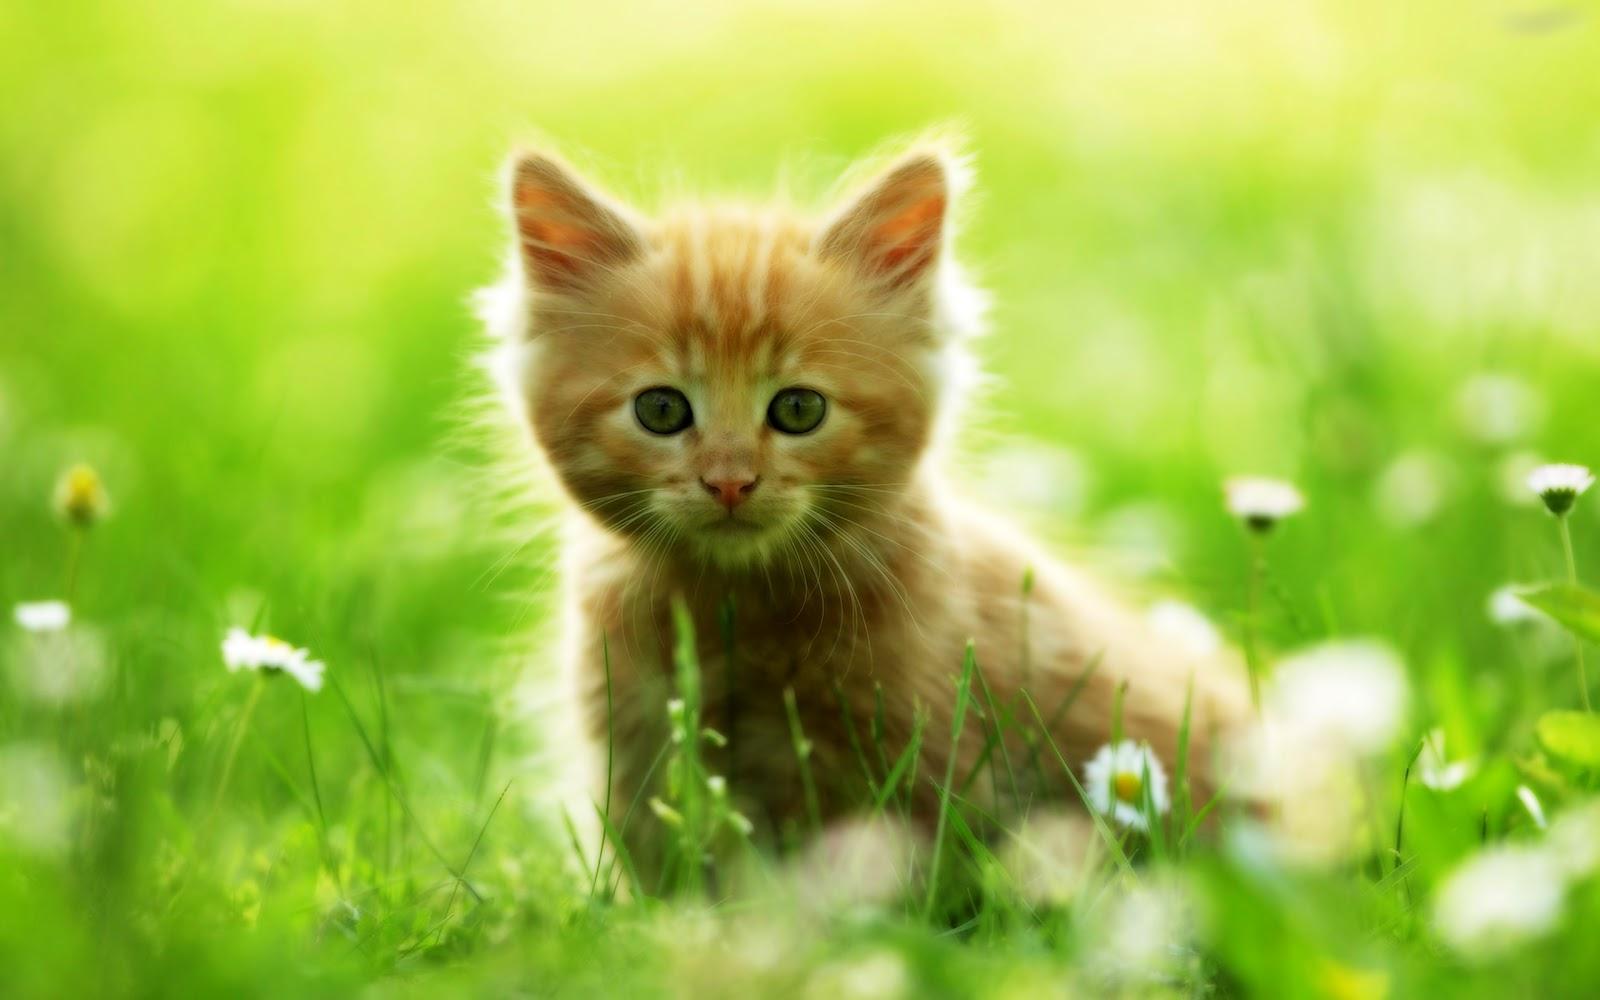 Cute Cats #3 | Cute Cats: 9meow.blogspot.com/2012/06/cute-cats-3.html